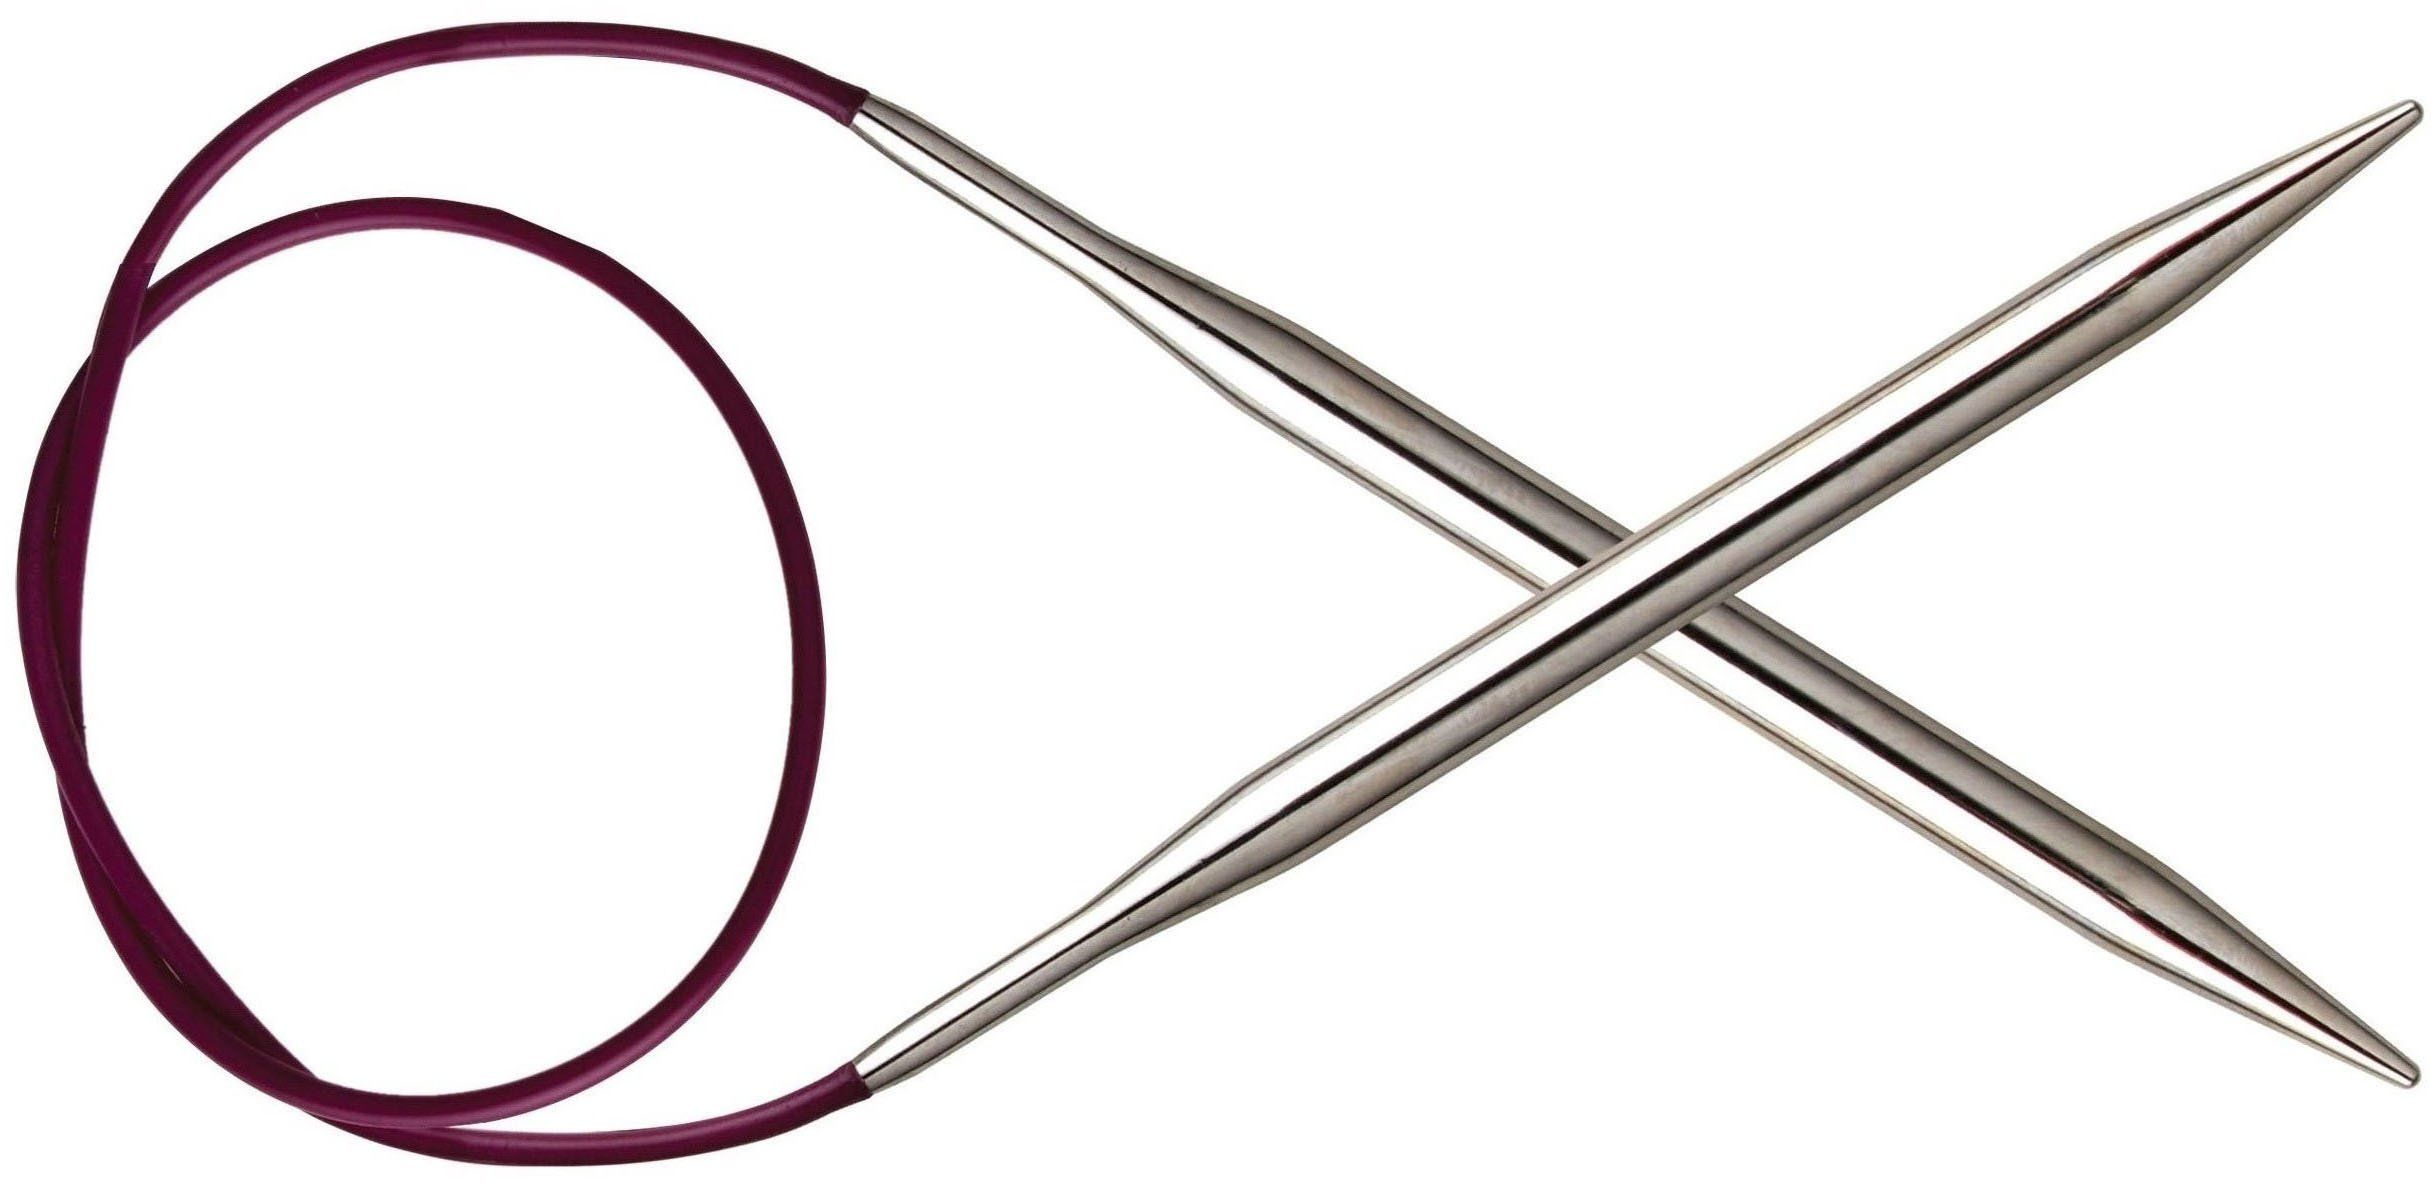 KnitPro Nova Metal: Szpilki dziewiarskie: Okrągły: Stały: 25 cm x 2,25 mm, galwanicznie pusty mosiądz, srebrny, 25 x 0,23 x 0,23 cm